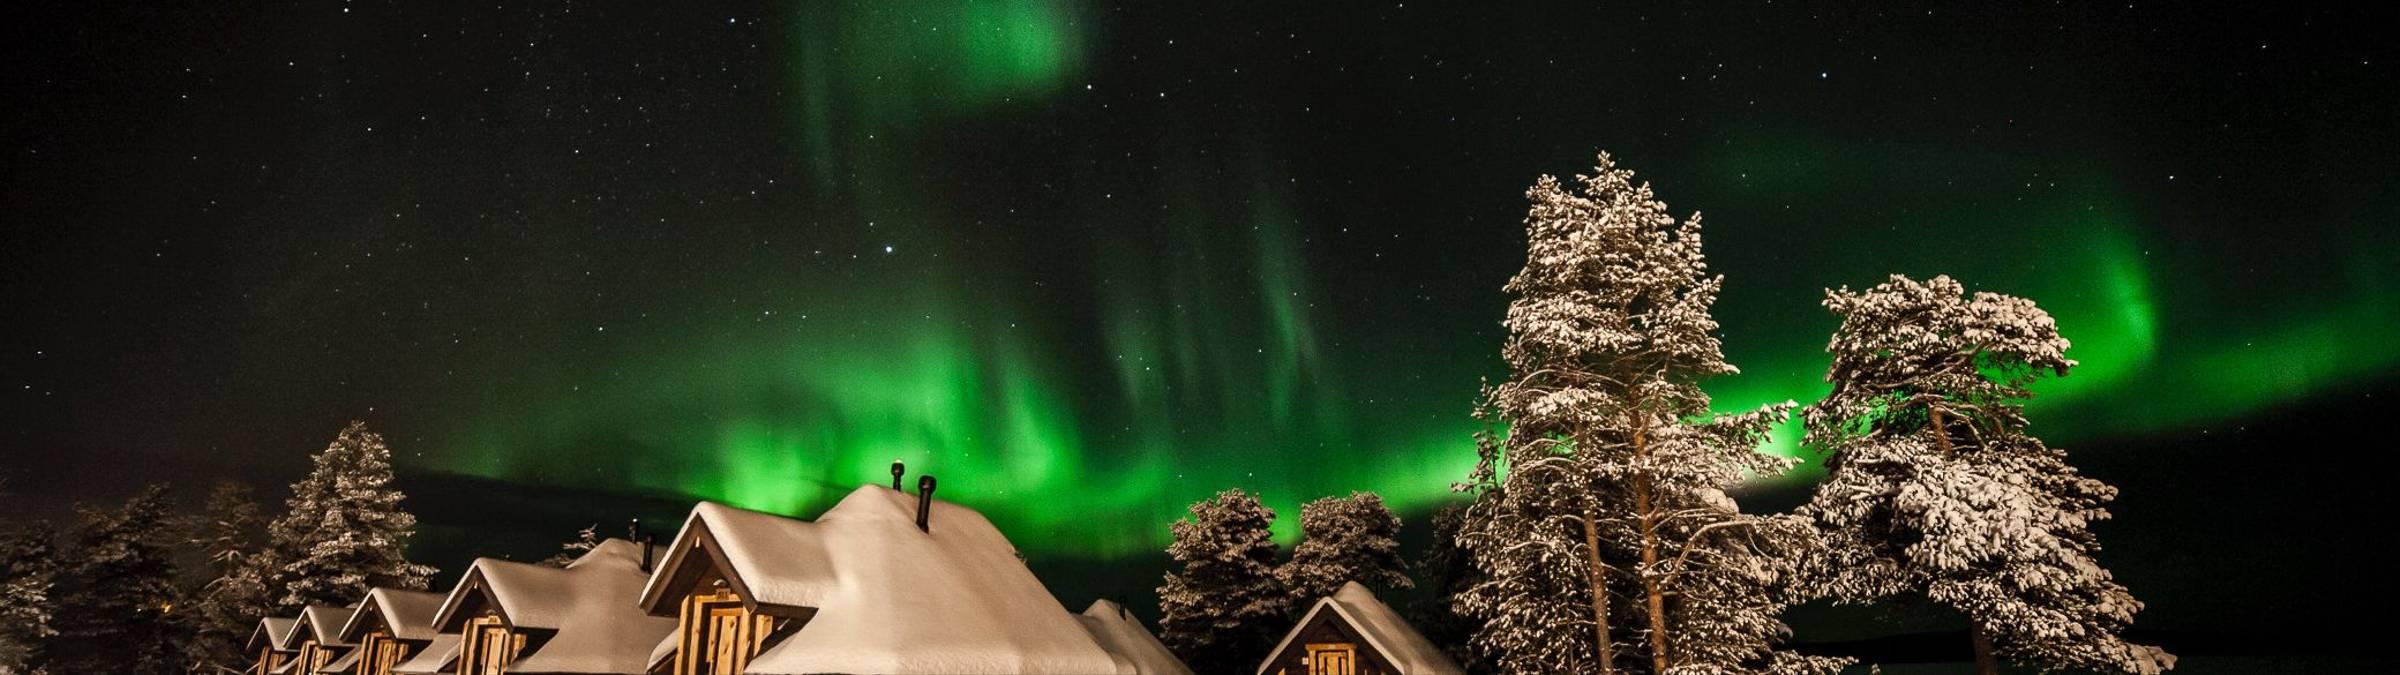 Wilderness_Hotel_Inari_Aurora_Cabins (1).jpeg